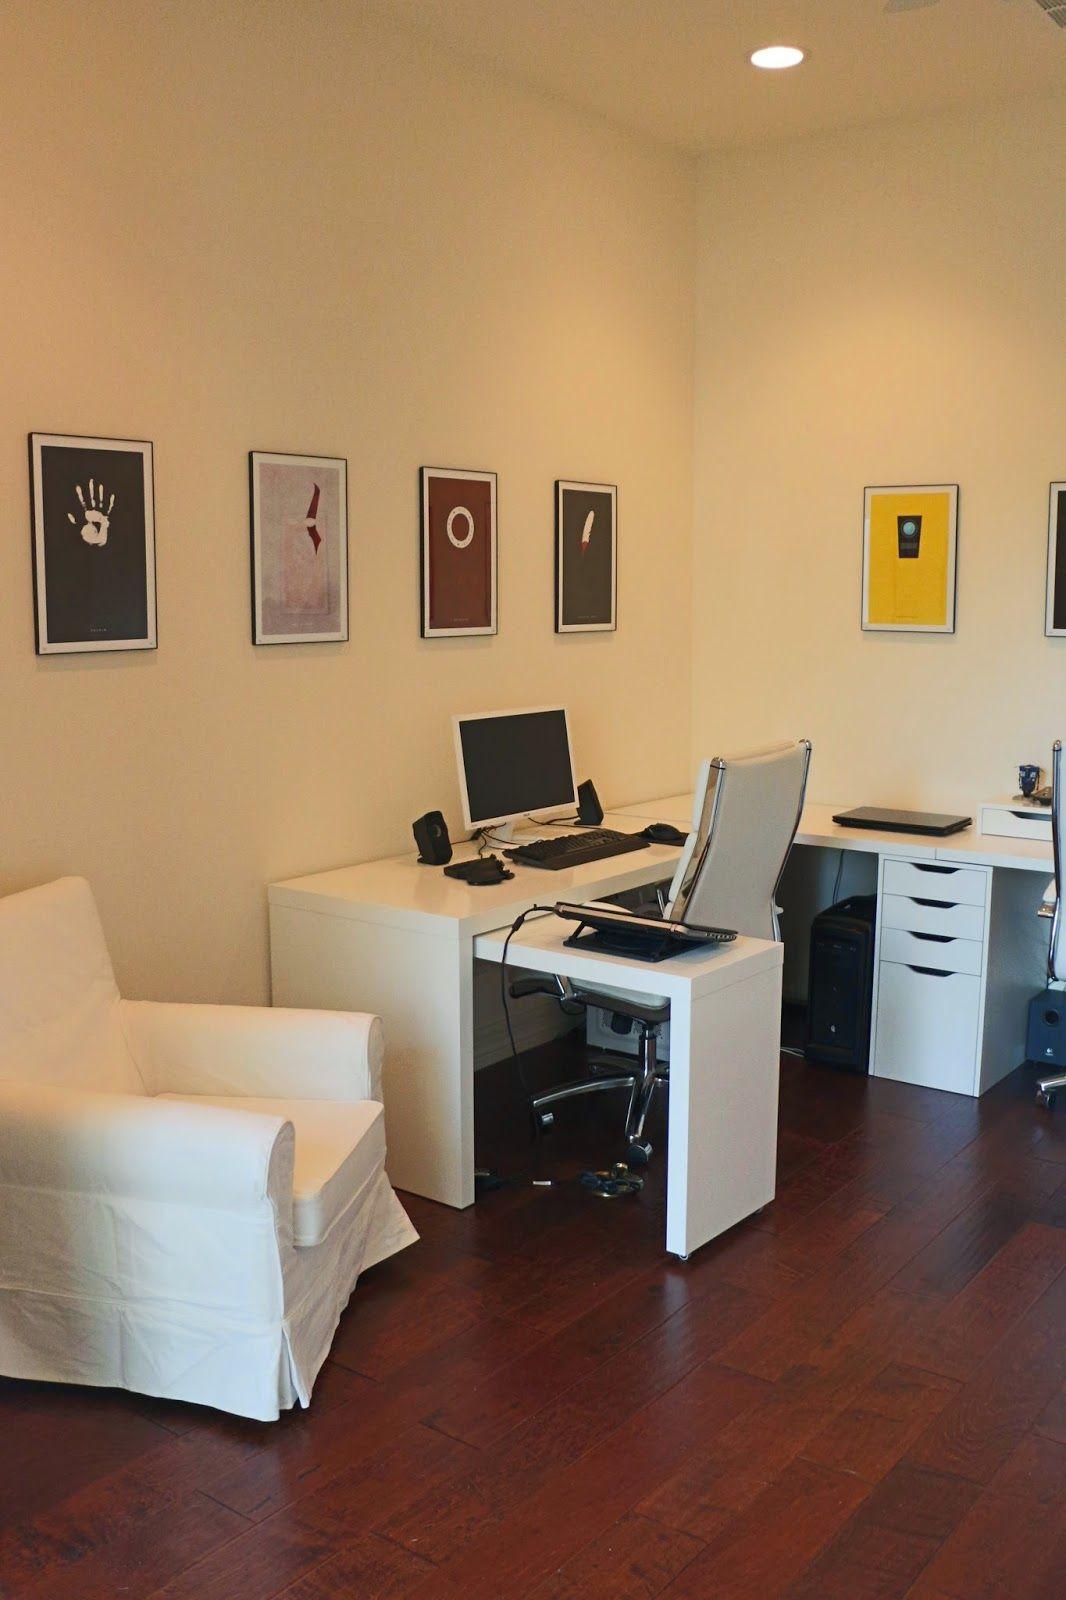 ikea desks, white jennylund chair, white office